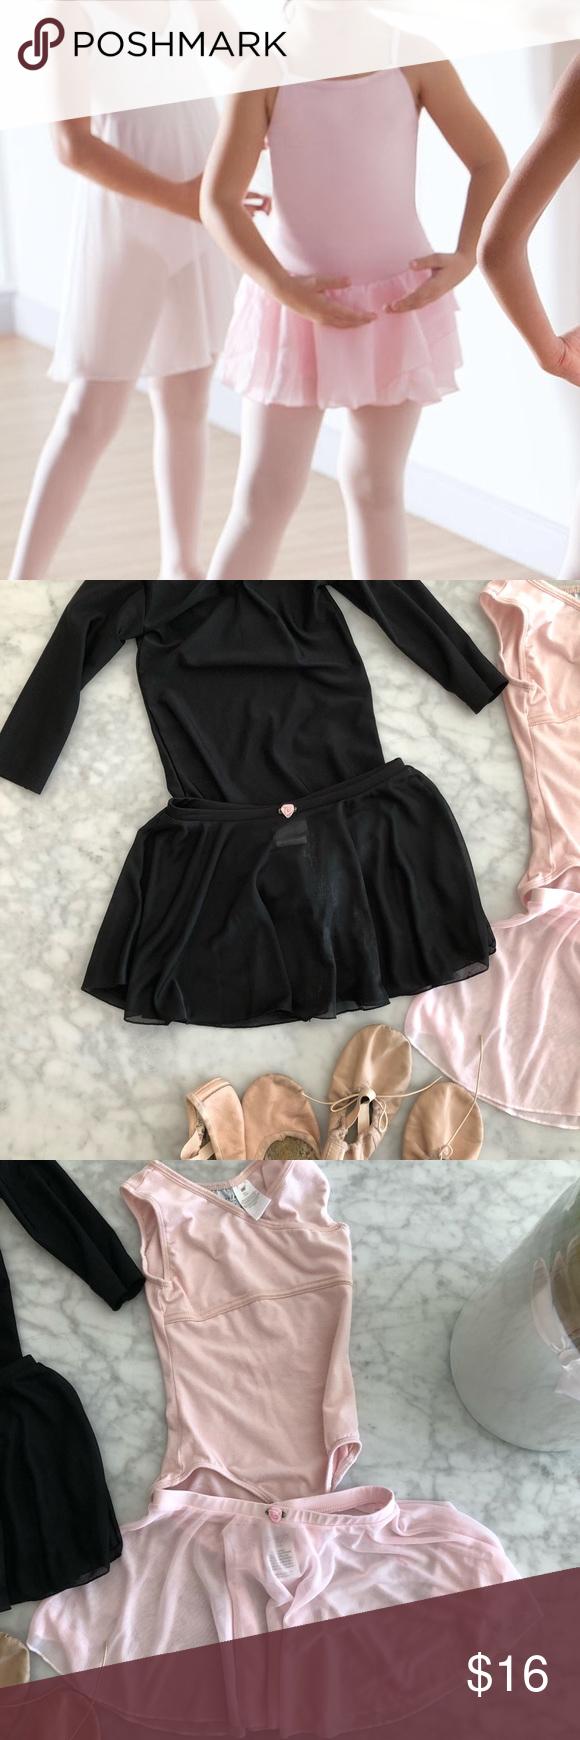 Used black u pink sets including ballet shoes fashion pinterest